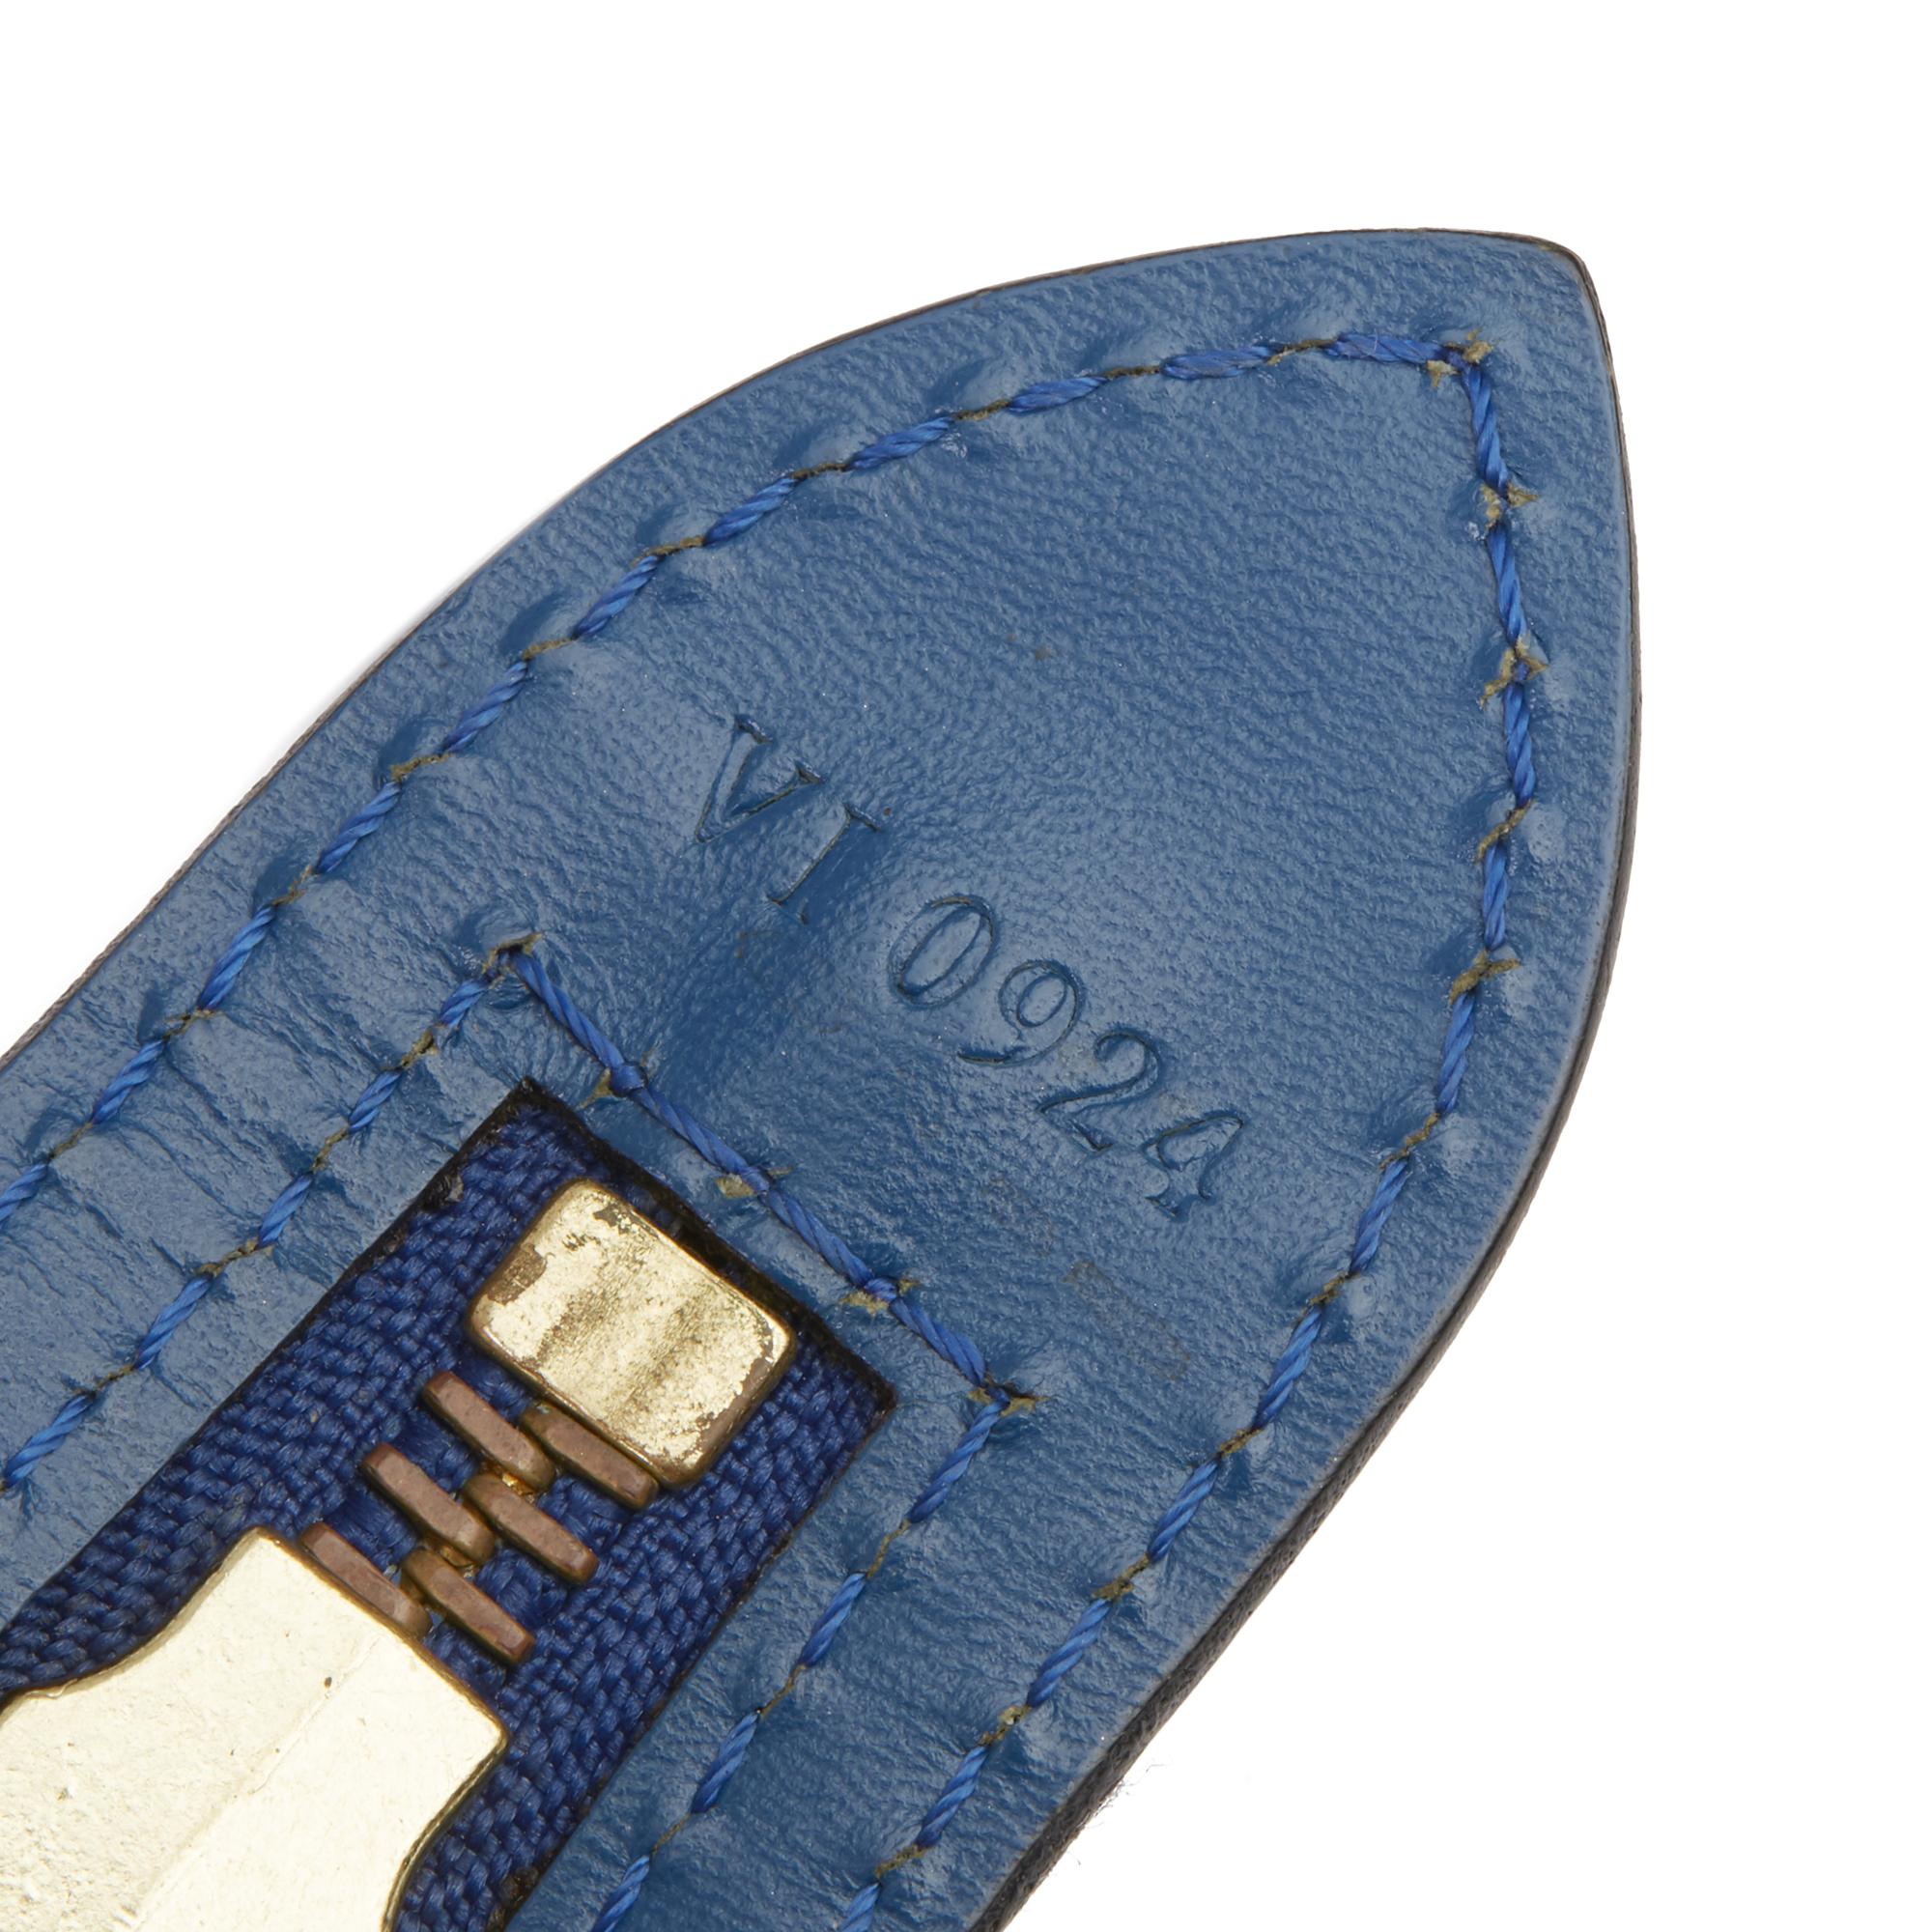 Louis Vuitton Blue Epi Leather Vintage Saint Jacques PM - Image 4 of 11